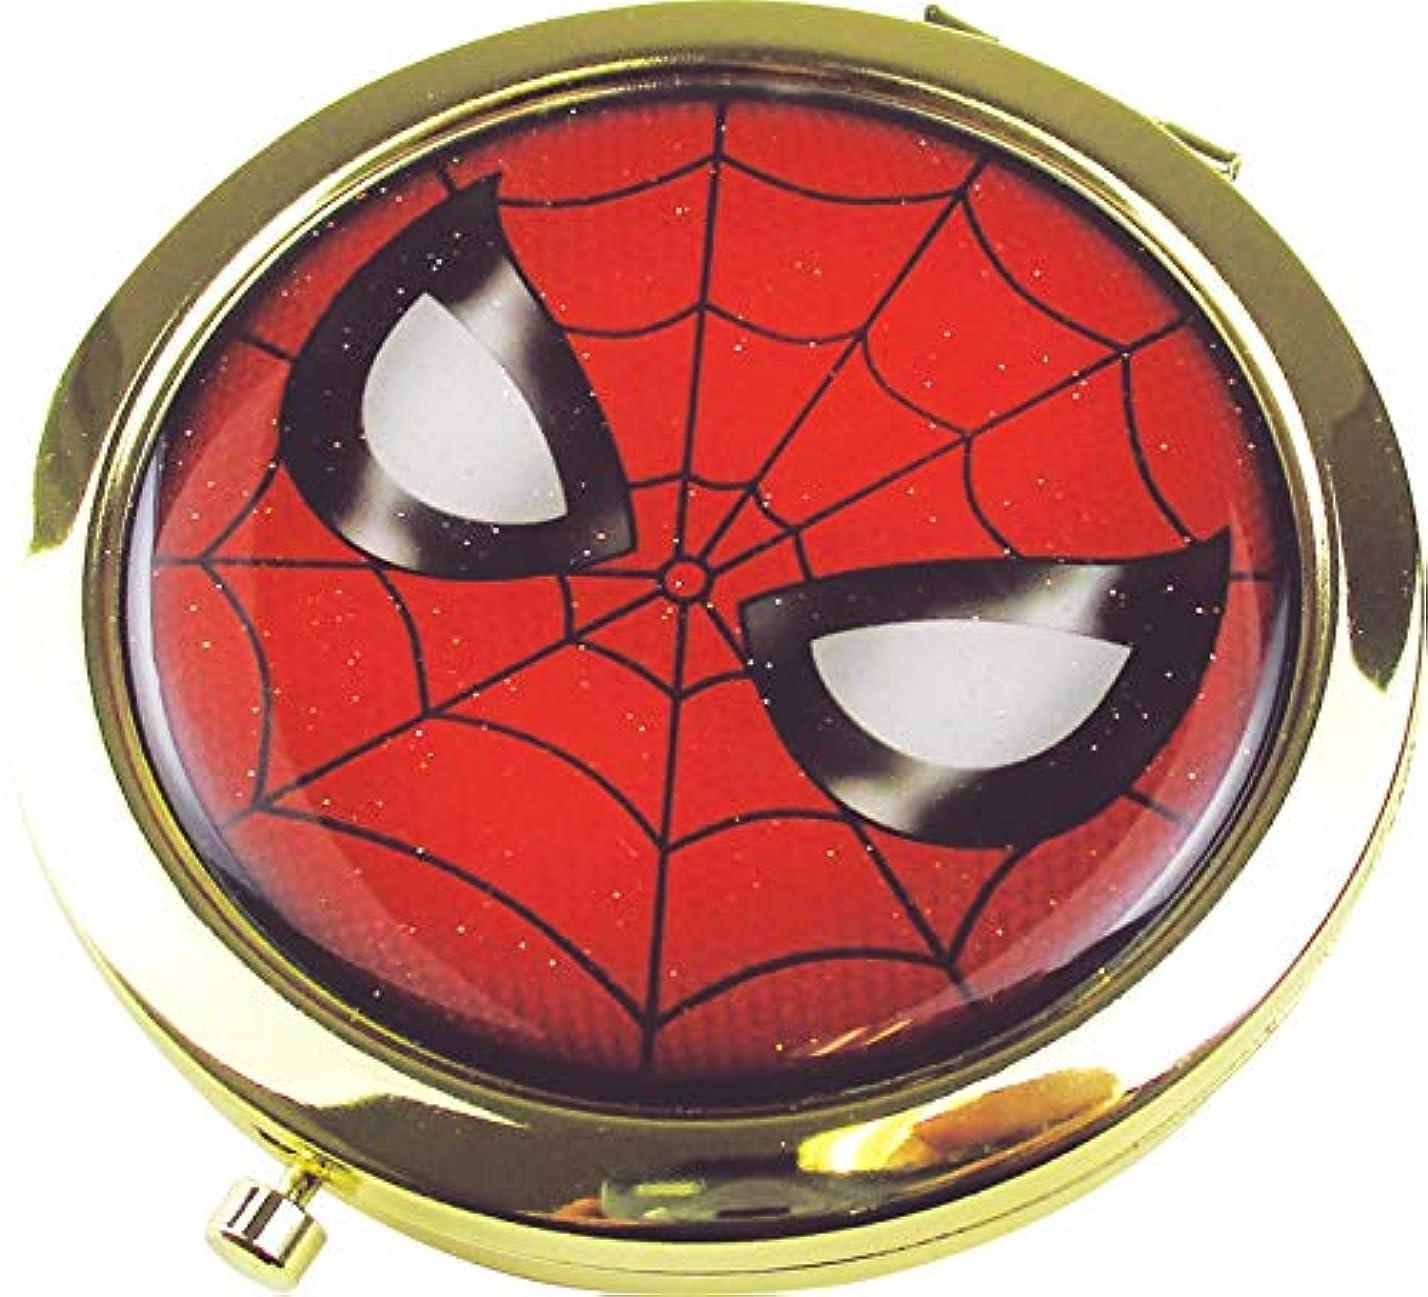 フォームレパートリーバインドティーズファクトリー スパイダーマン 6.6×6.6×0.8cm マーベル Wコンパクトミラー MV-5537088SM